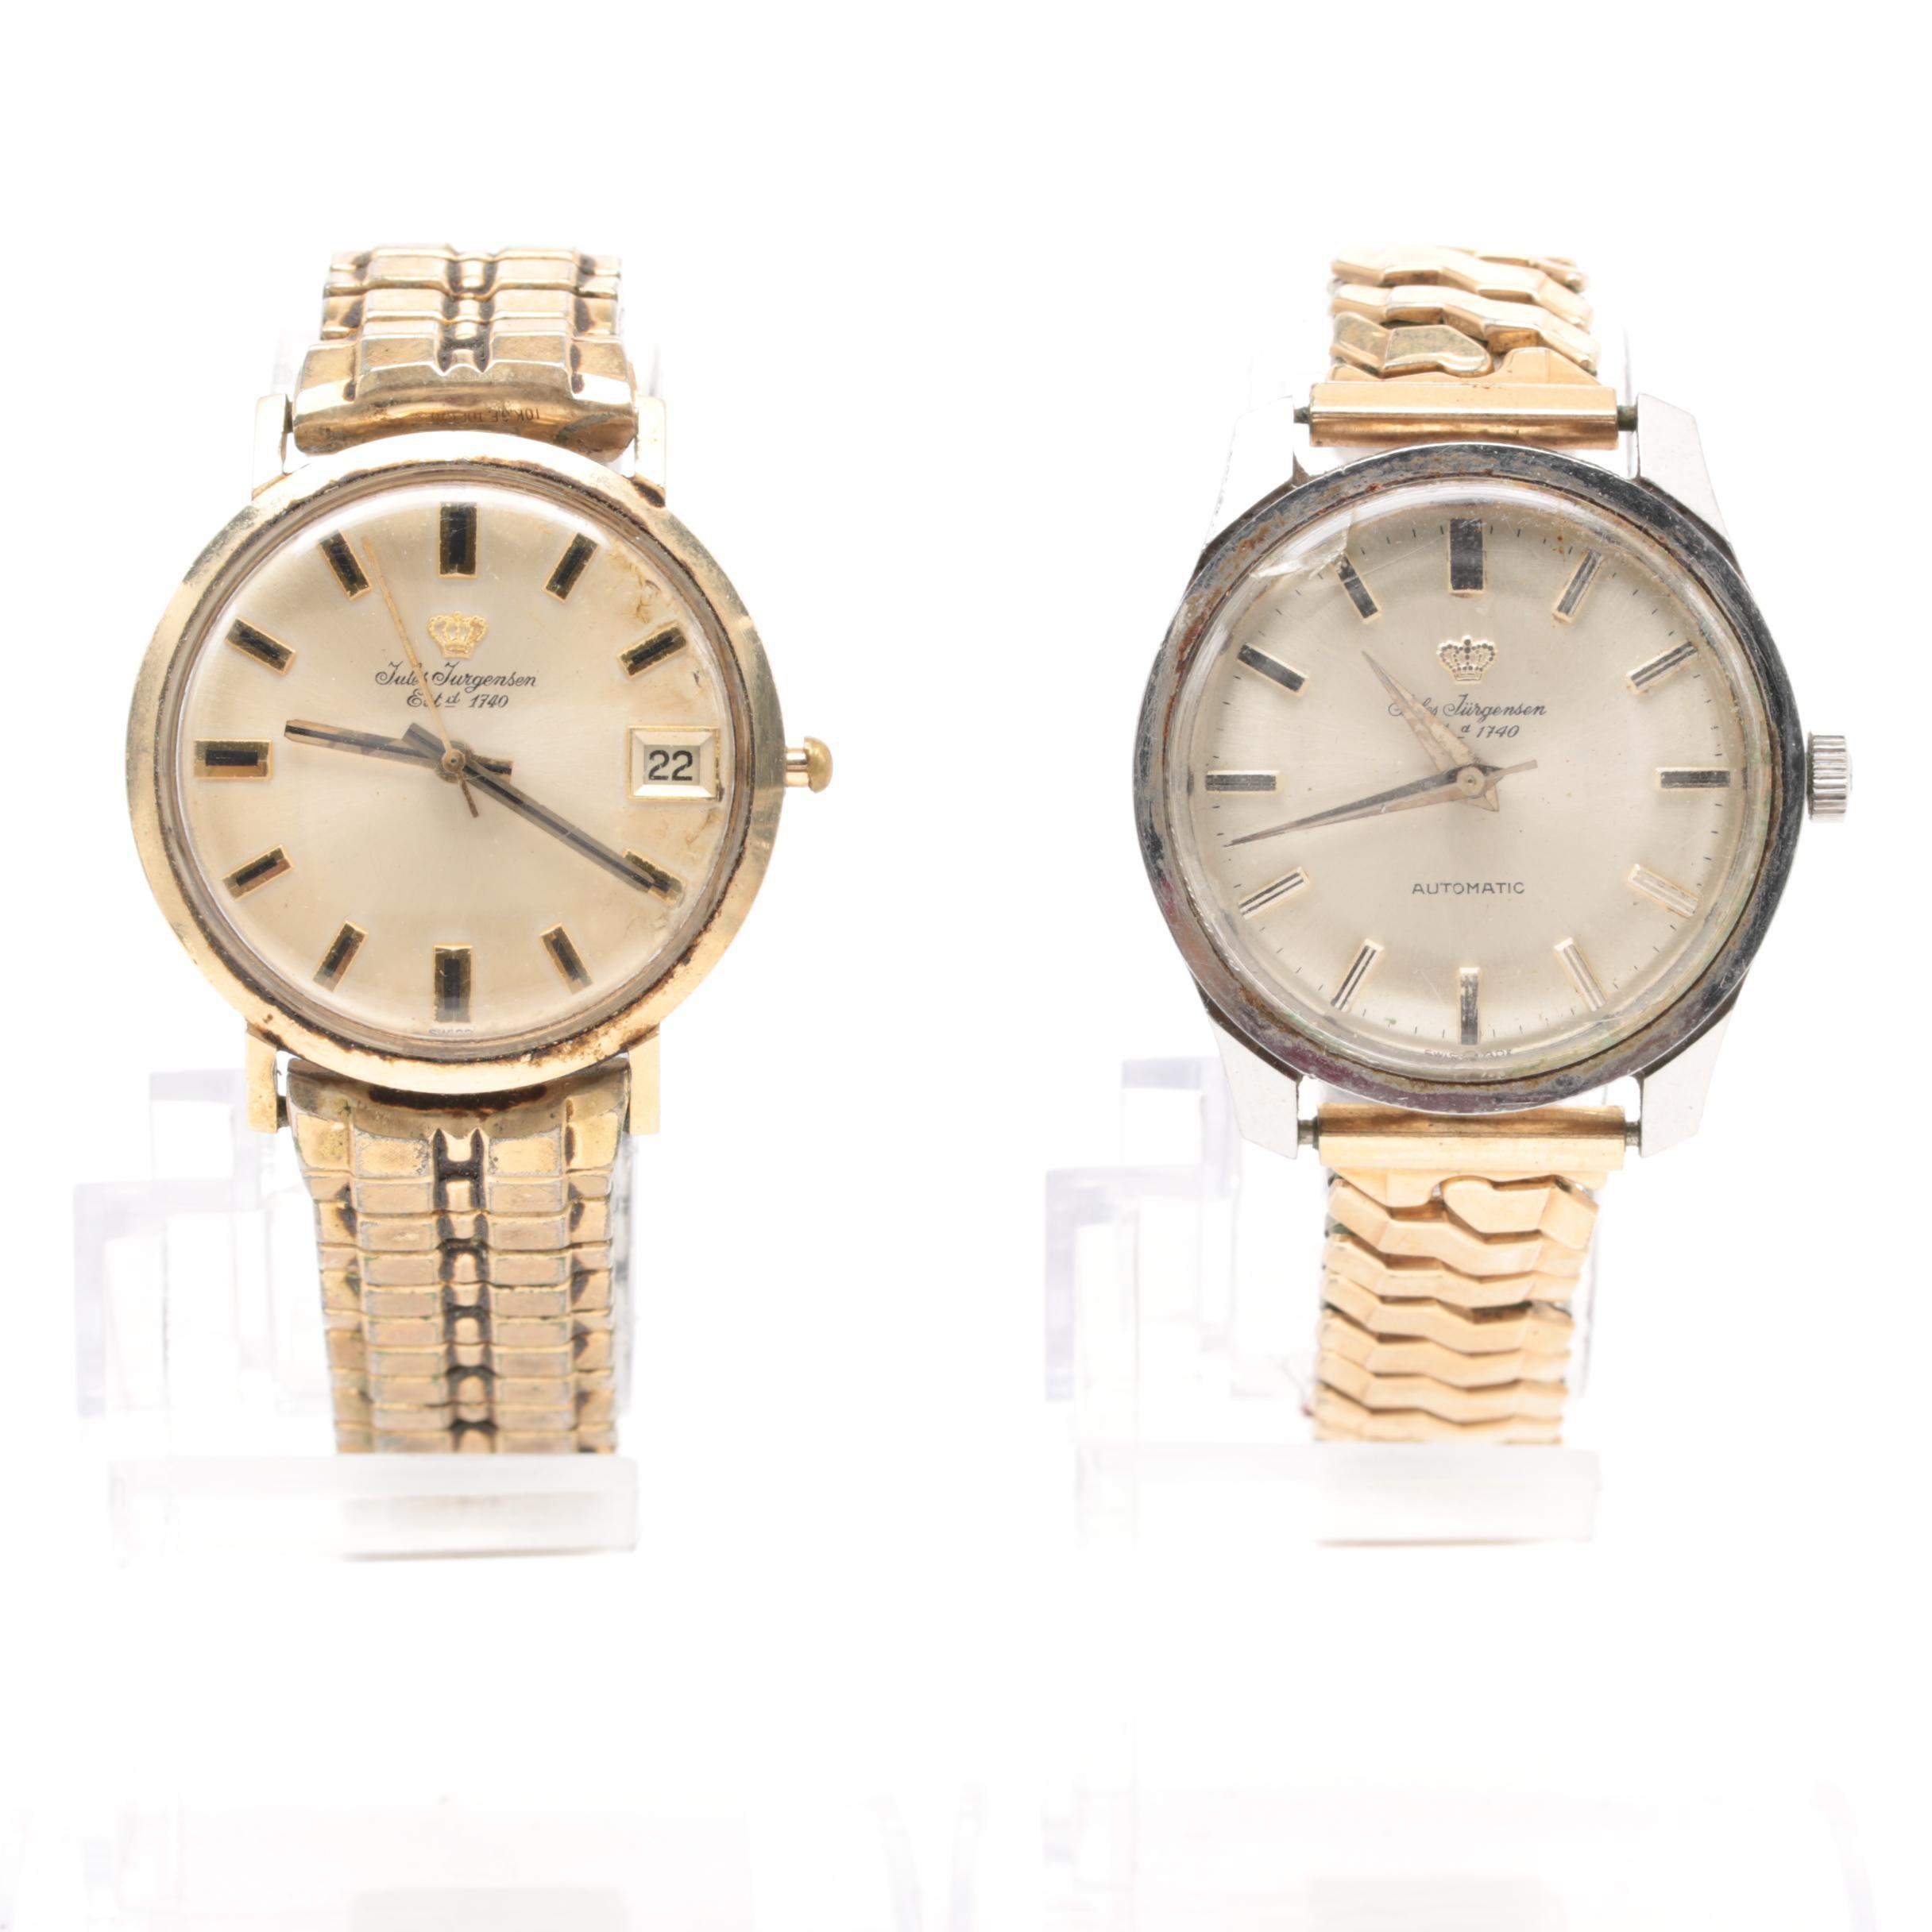 Vintage Jules Jurgensen Wristwatches